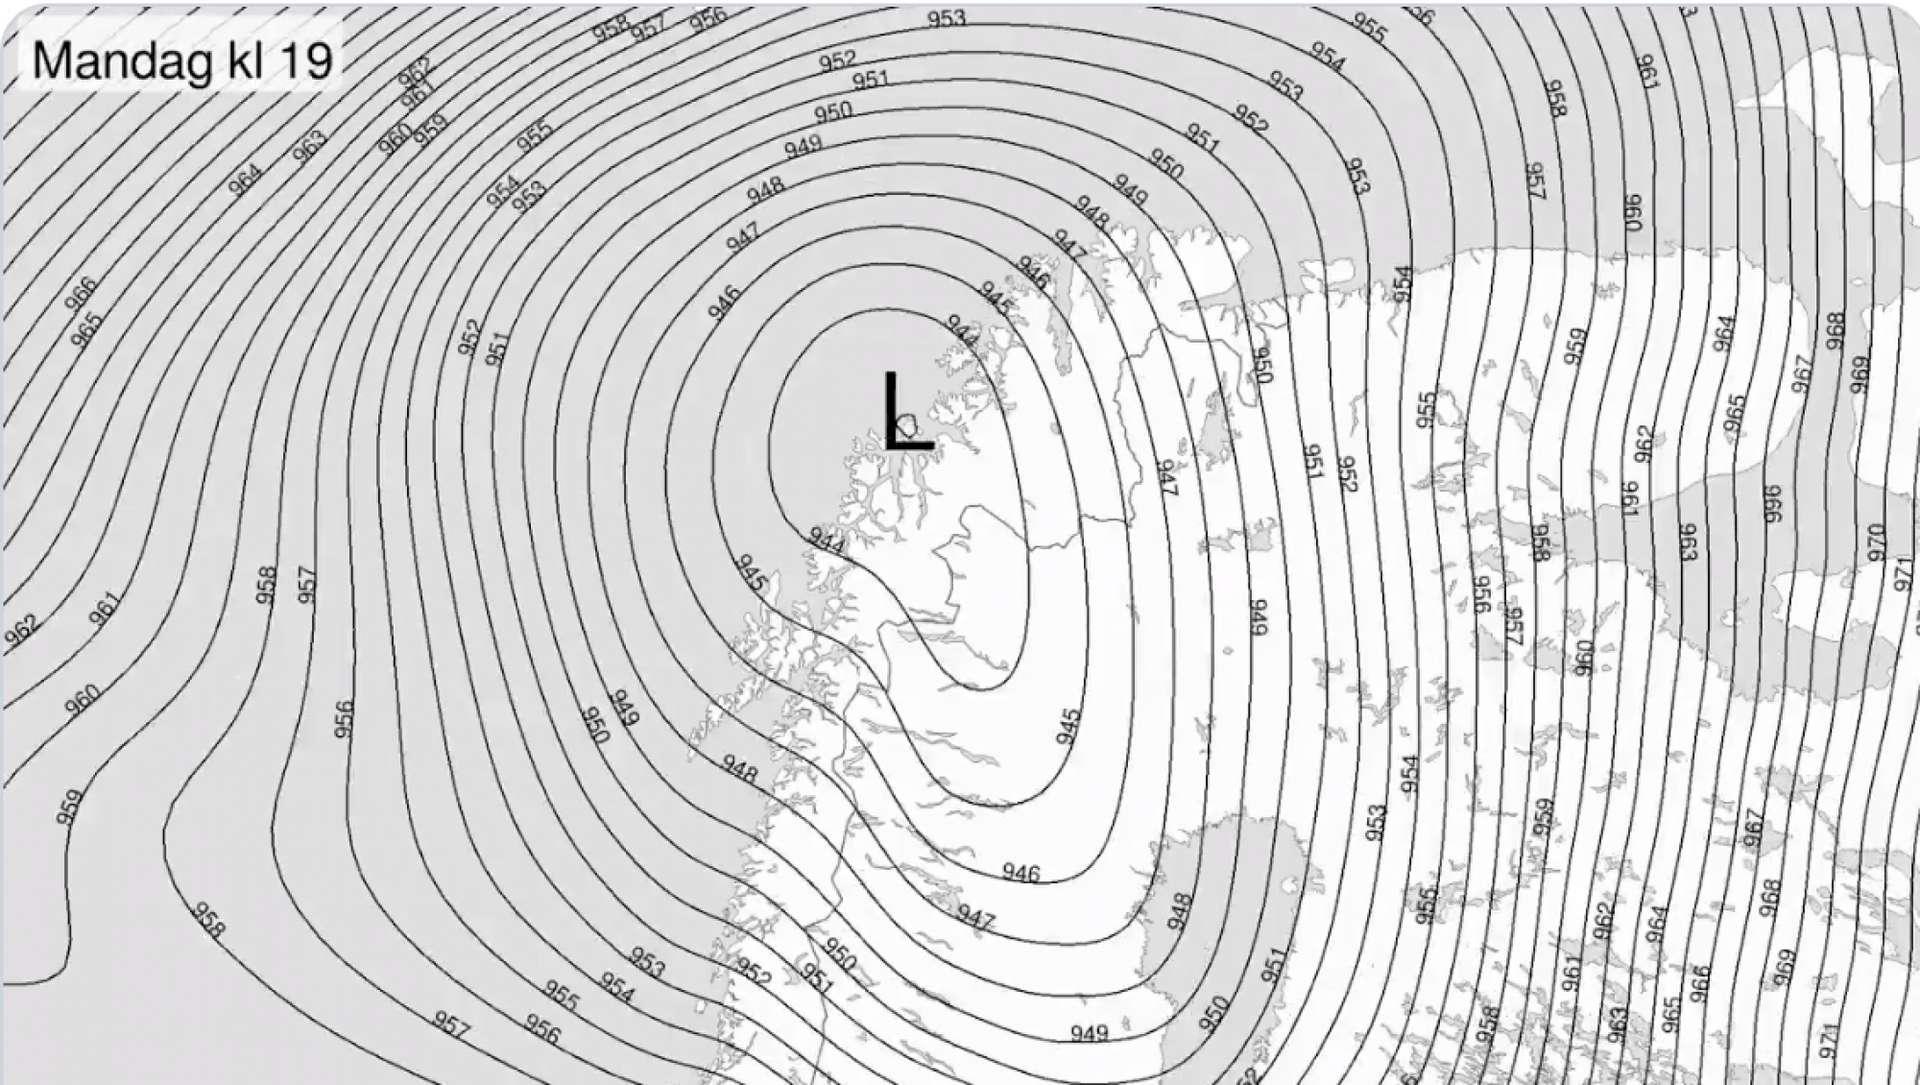 La pression atmosphérique au-dessus du nord de la Norvège le 10 février. © Meteorologene, Twitter